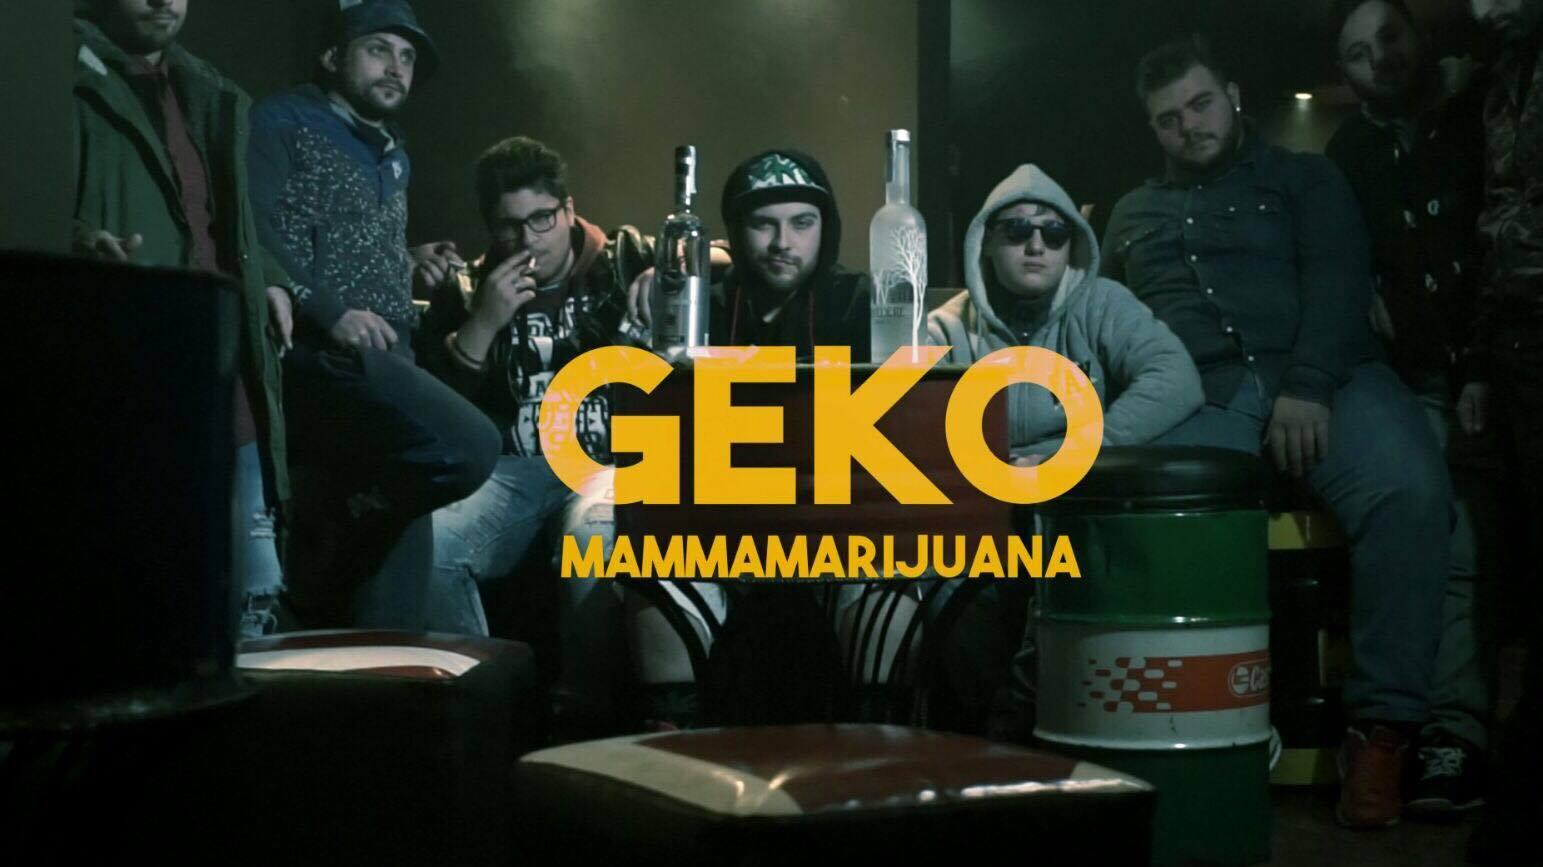 Marko Geko artisti emergenti rap